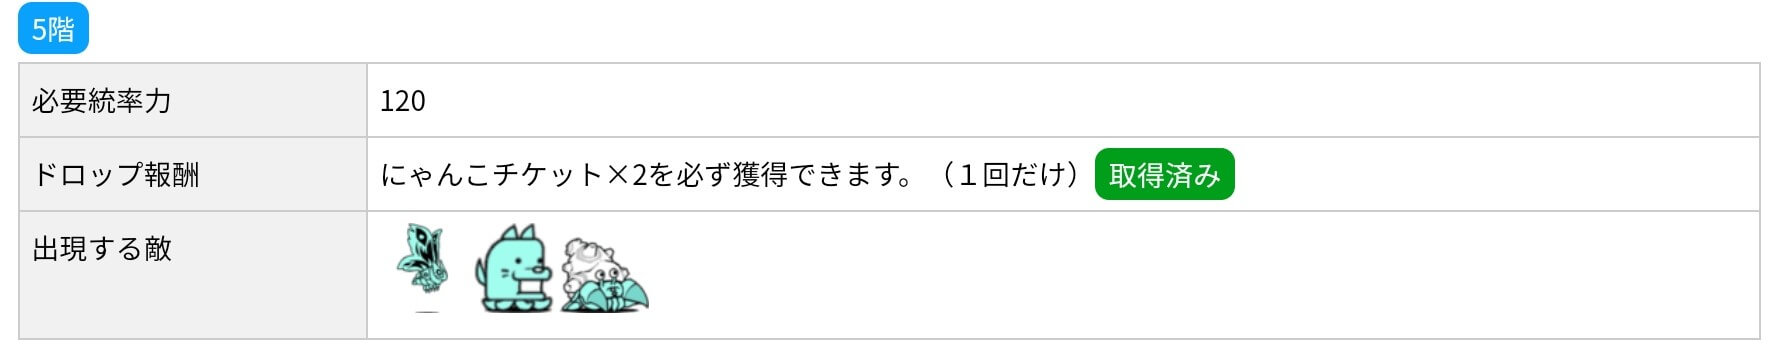 にゃんこ別塔(蒼)5階 敵編成